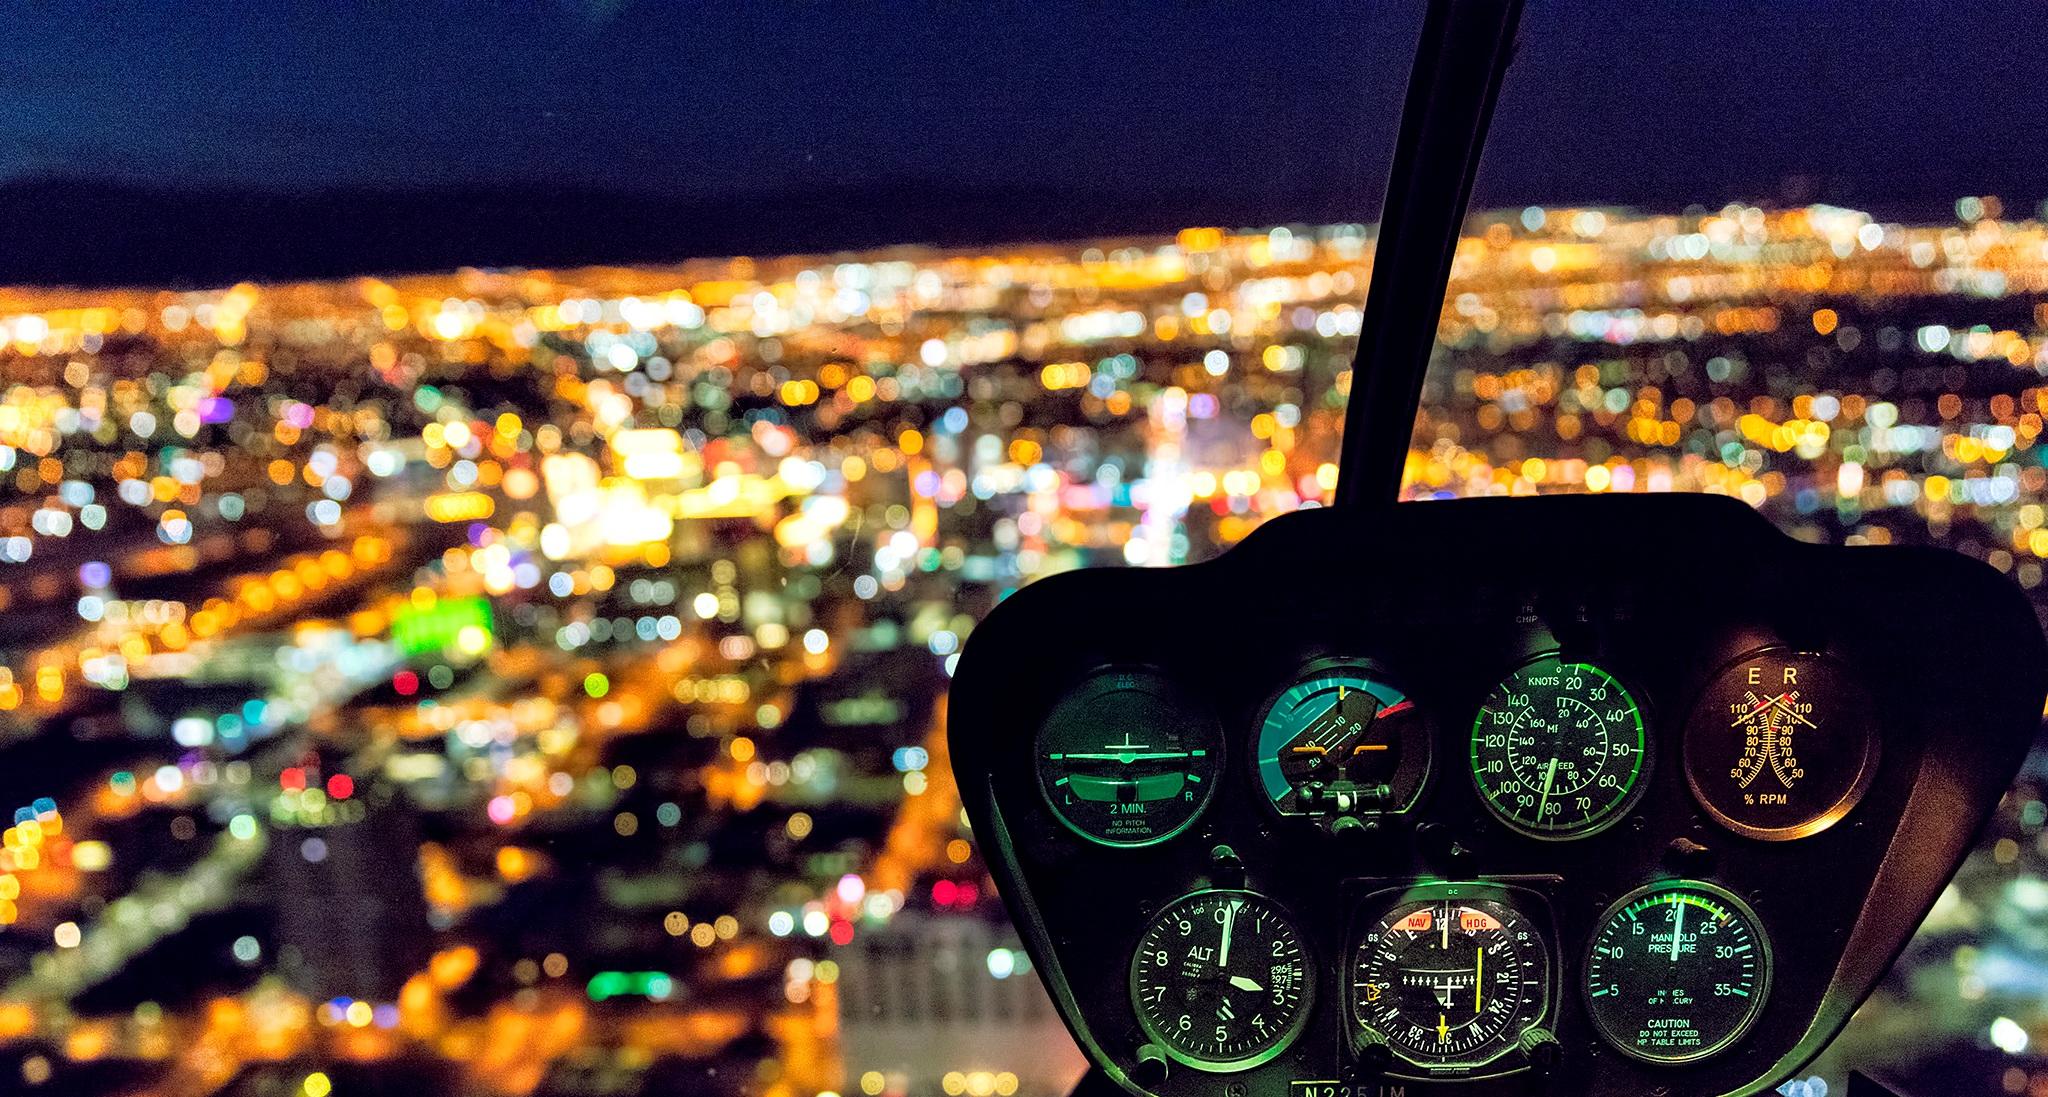 DAG 6 LEDIG DAG - Ledig dag i Las Vegas. Hör med oss om utflykter och aktiviteter i området. Helikopterturer till Grand Canyon, outleshopping, museum, nöjesparker, shower. Vi har biljetter till allt.